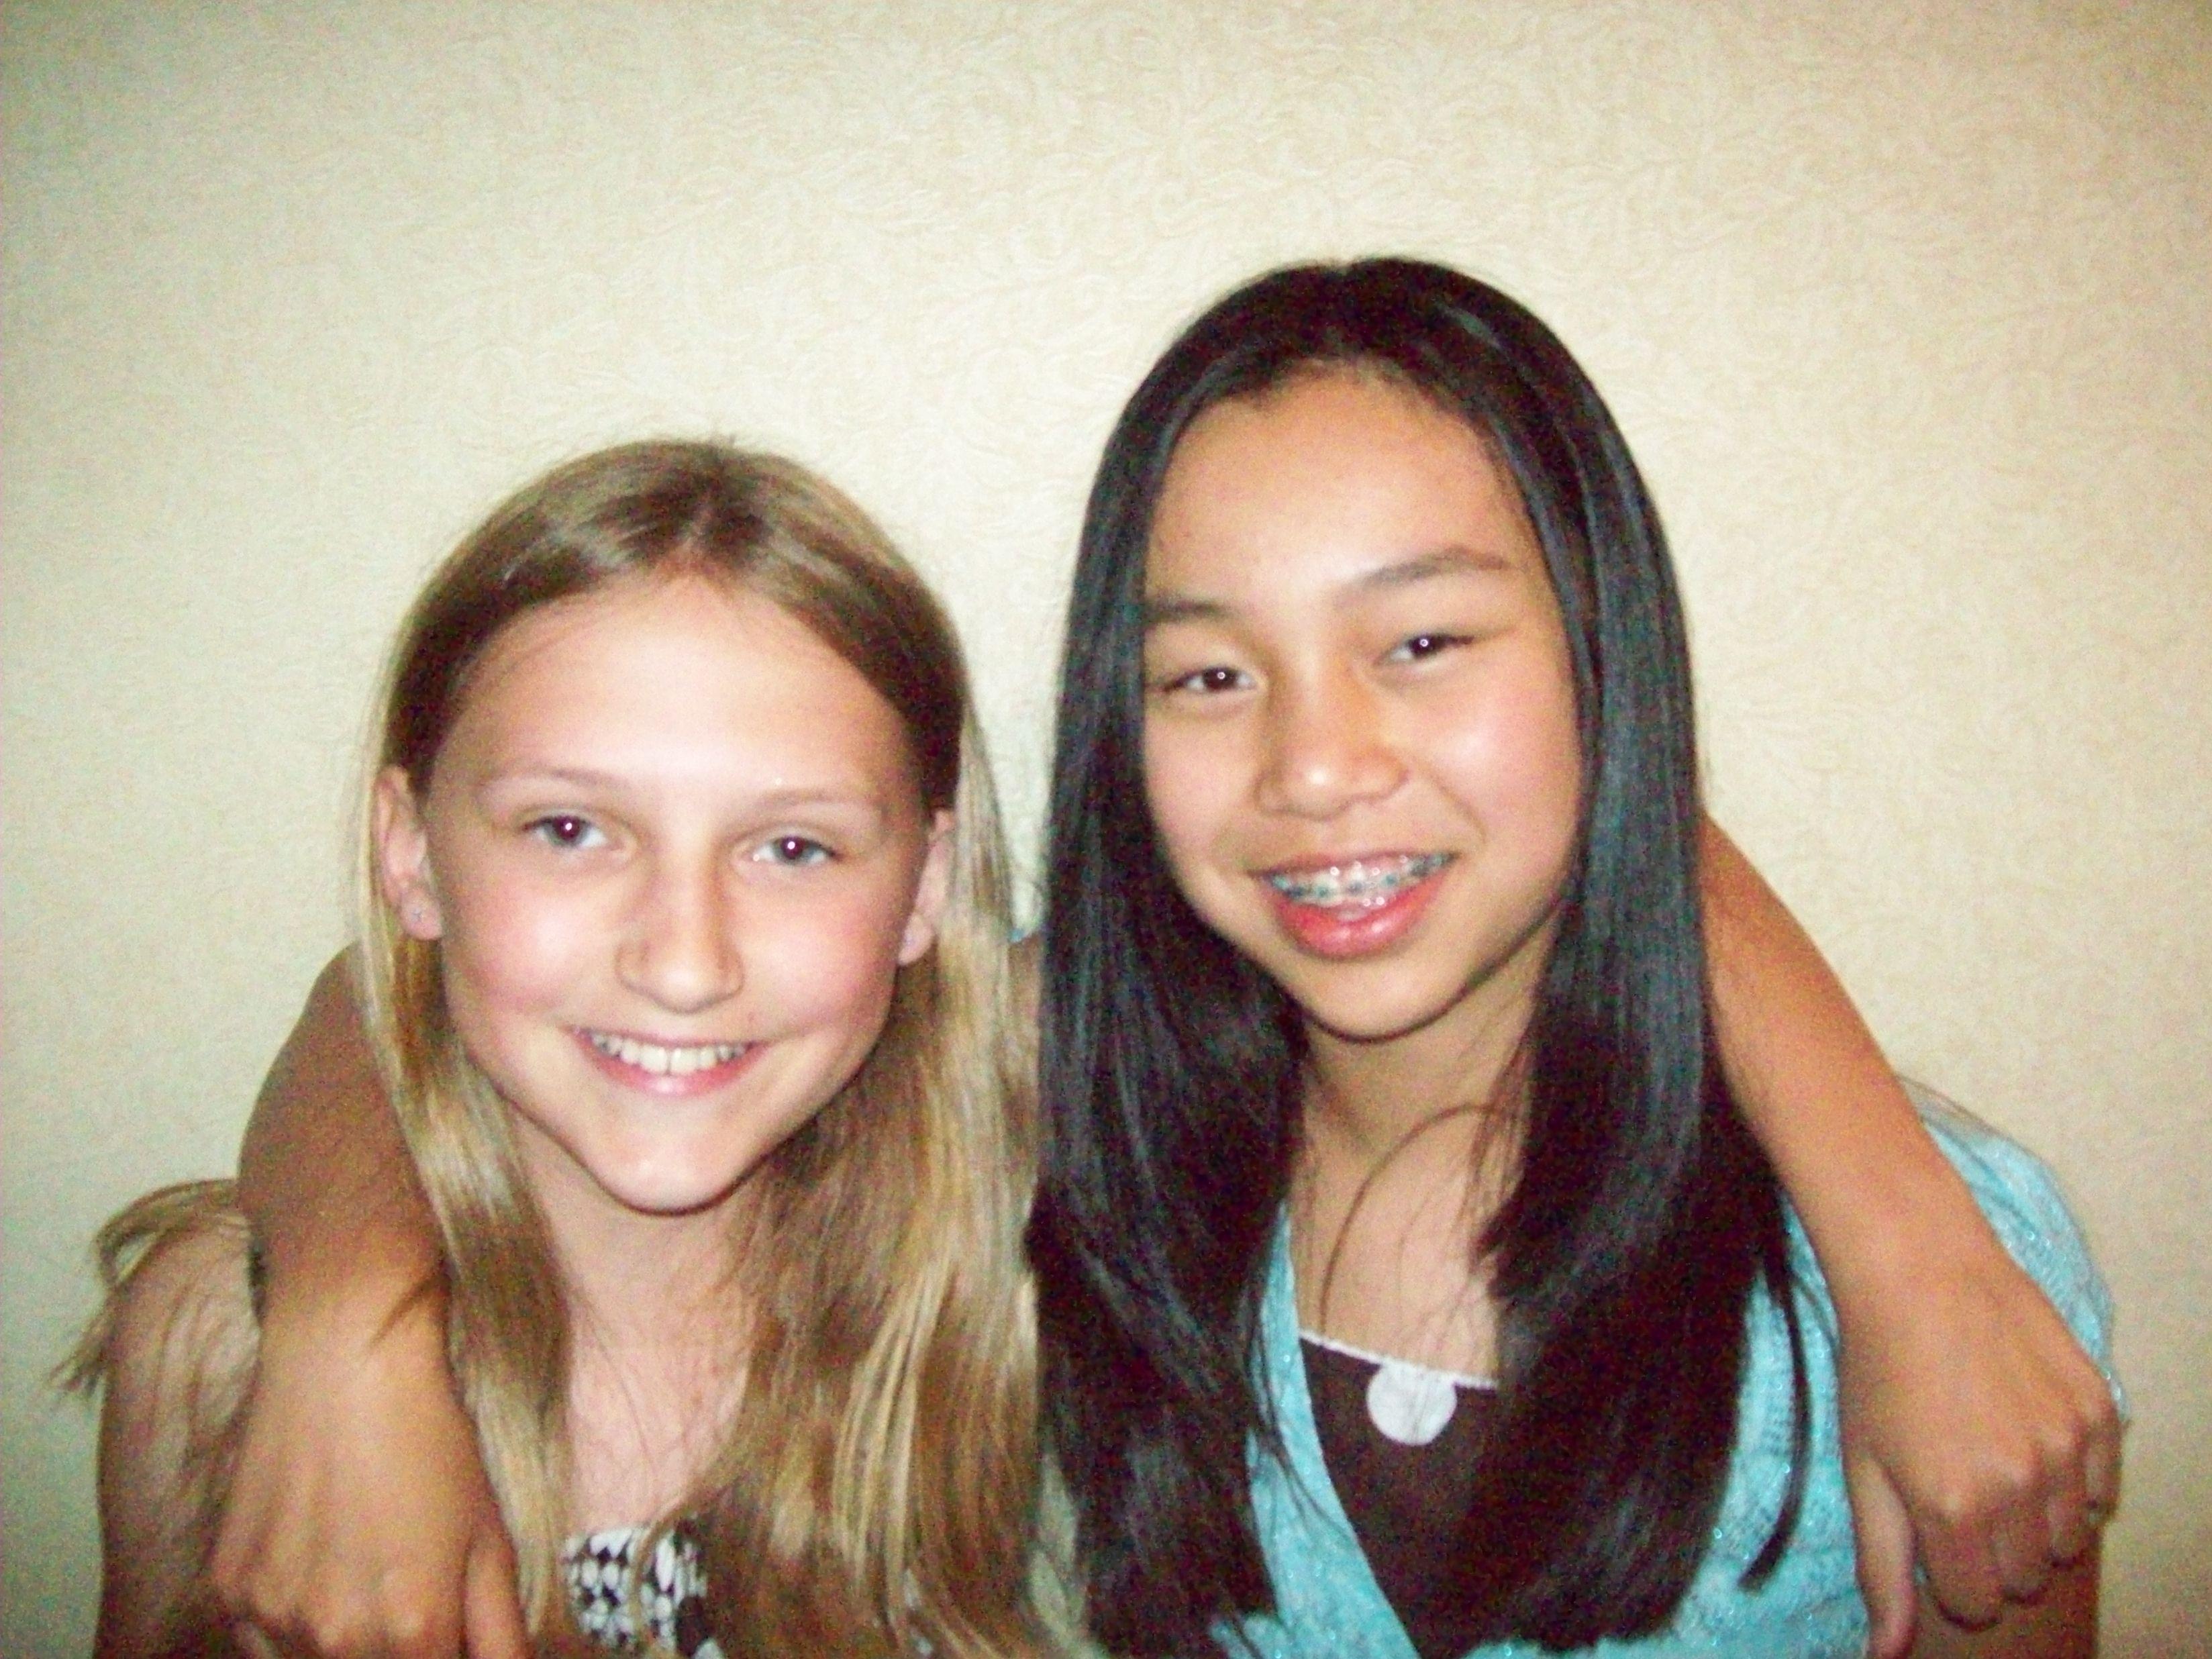 Savannah Chapman and Summer Lawrence